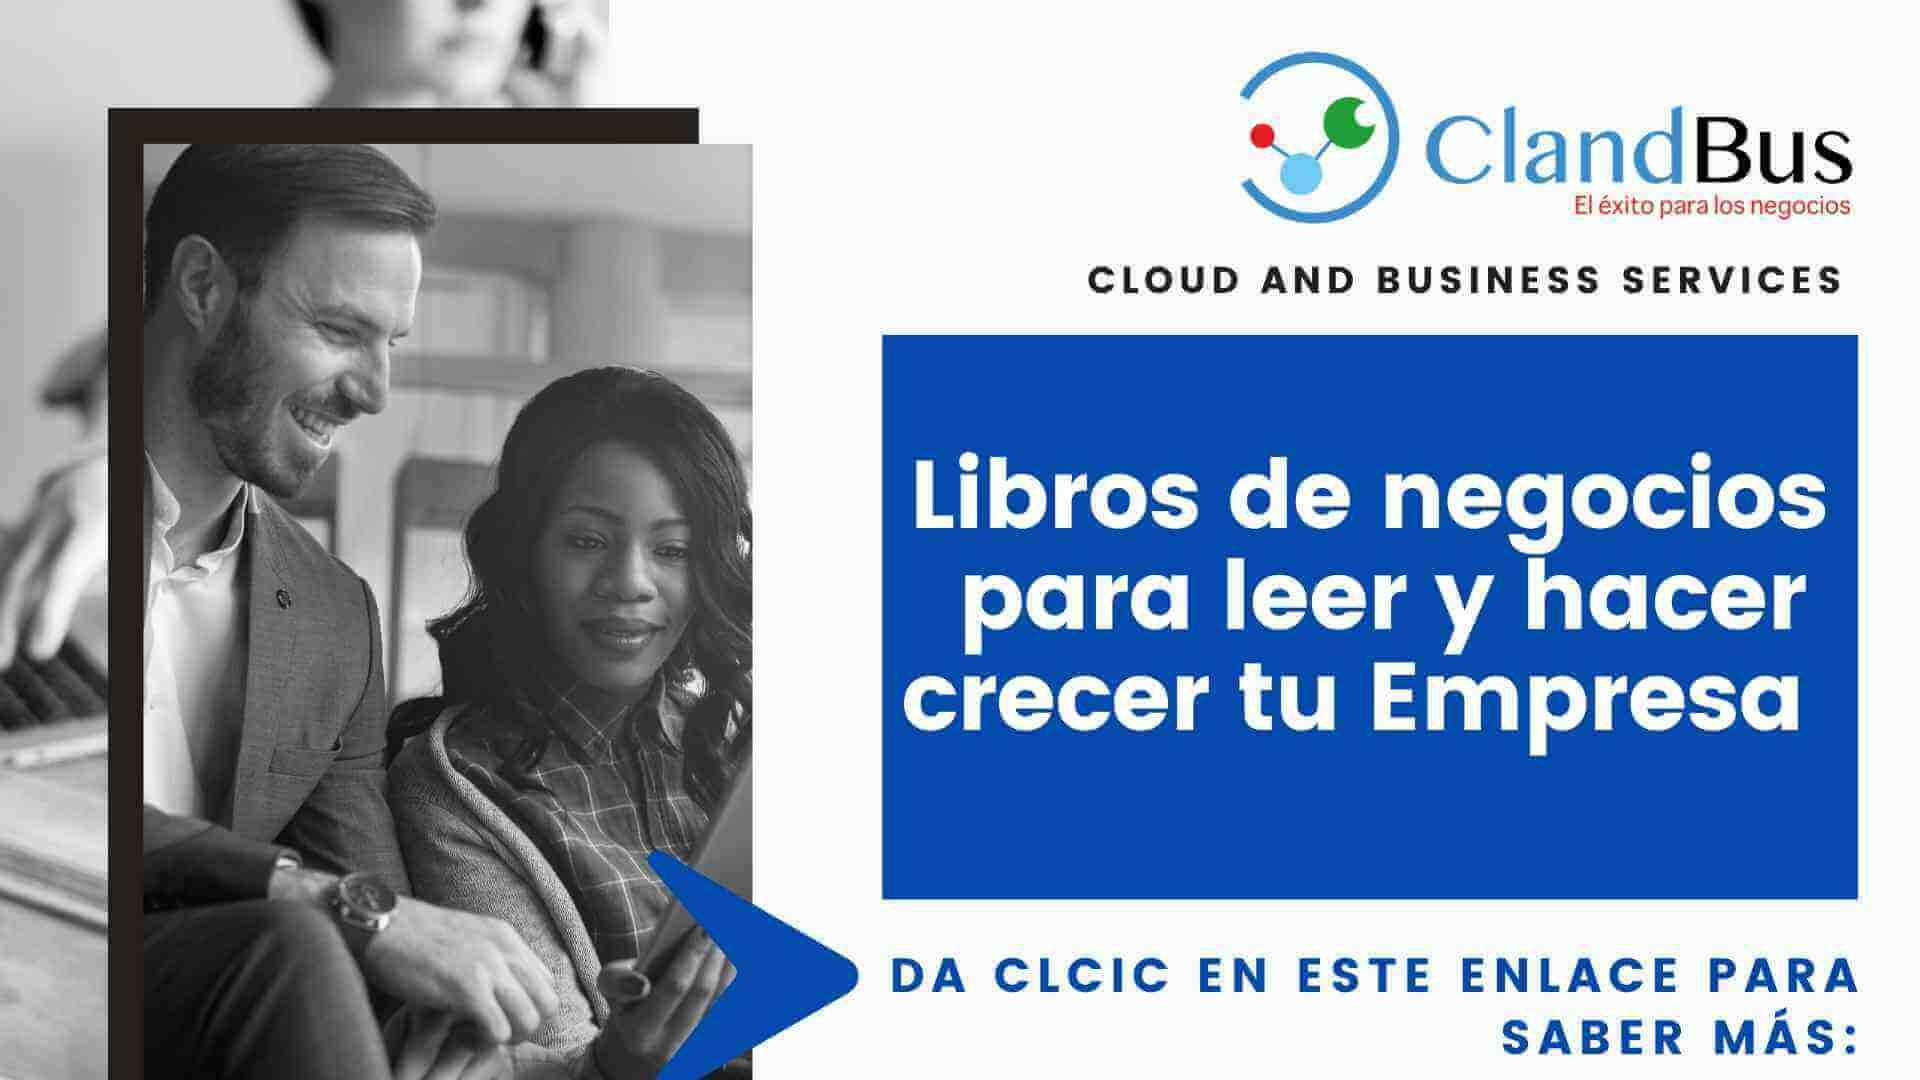 E-book ERP - Libros de negocios para leer y hacer crecer tu negocio con Acumatica ERP Cloud y ClandBus